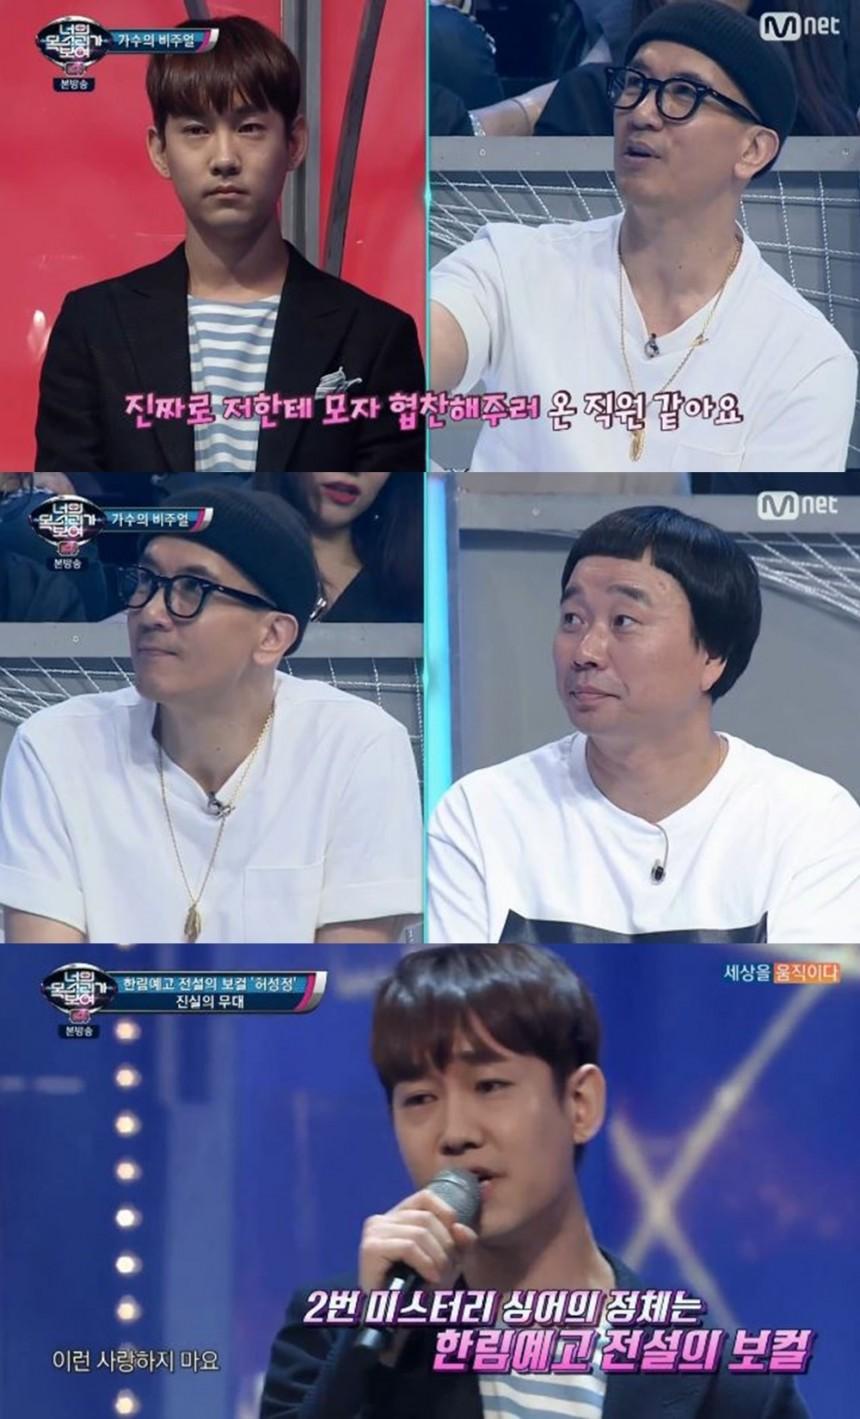 '너의 목소리가 보여4' 방송장면/엠넷